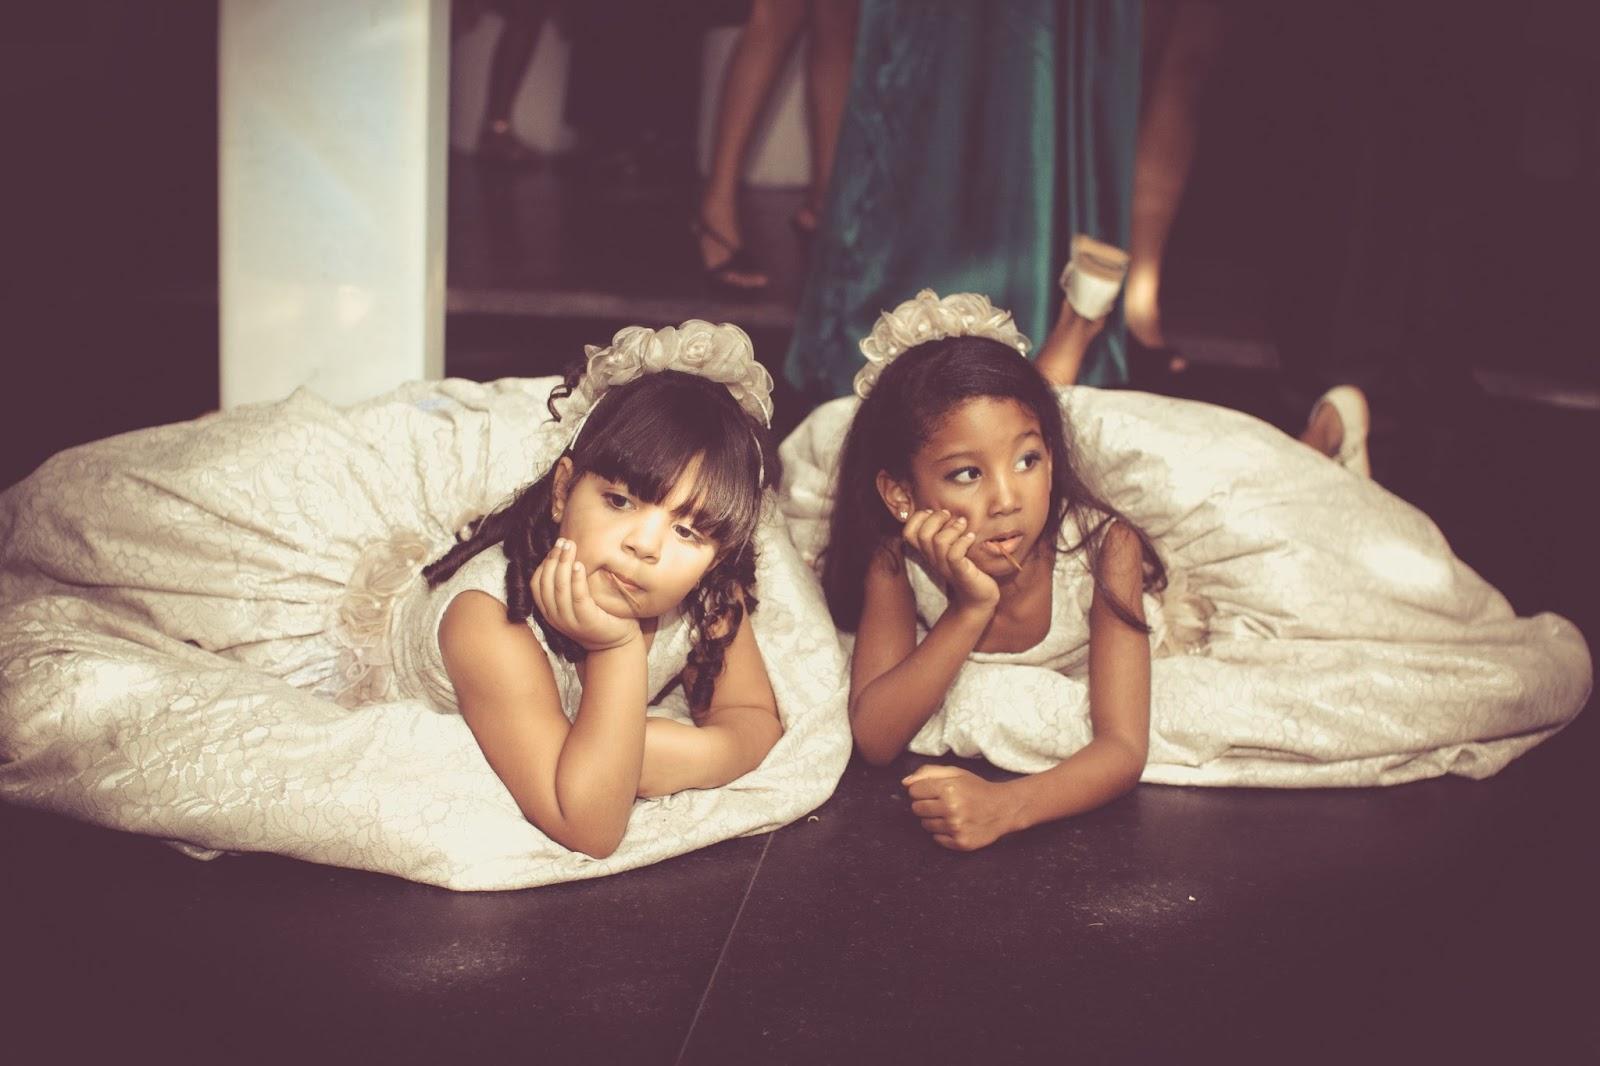 historia-amor-fe-festa-criancas-daminhas